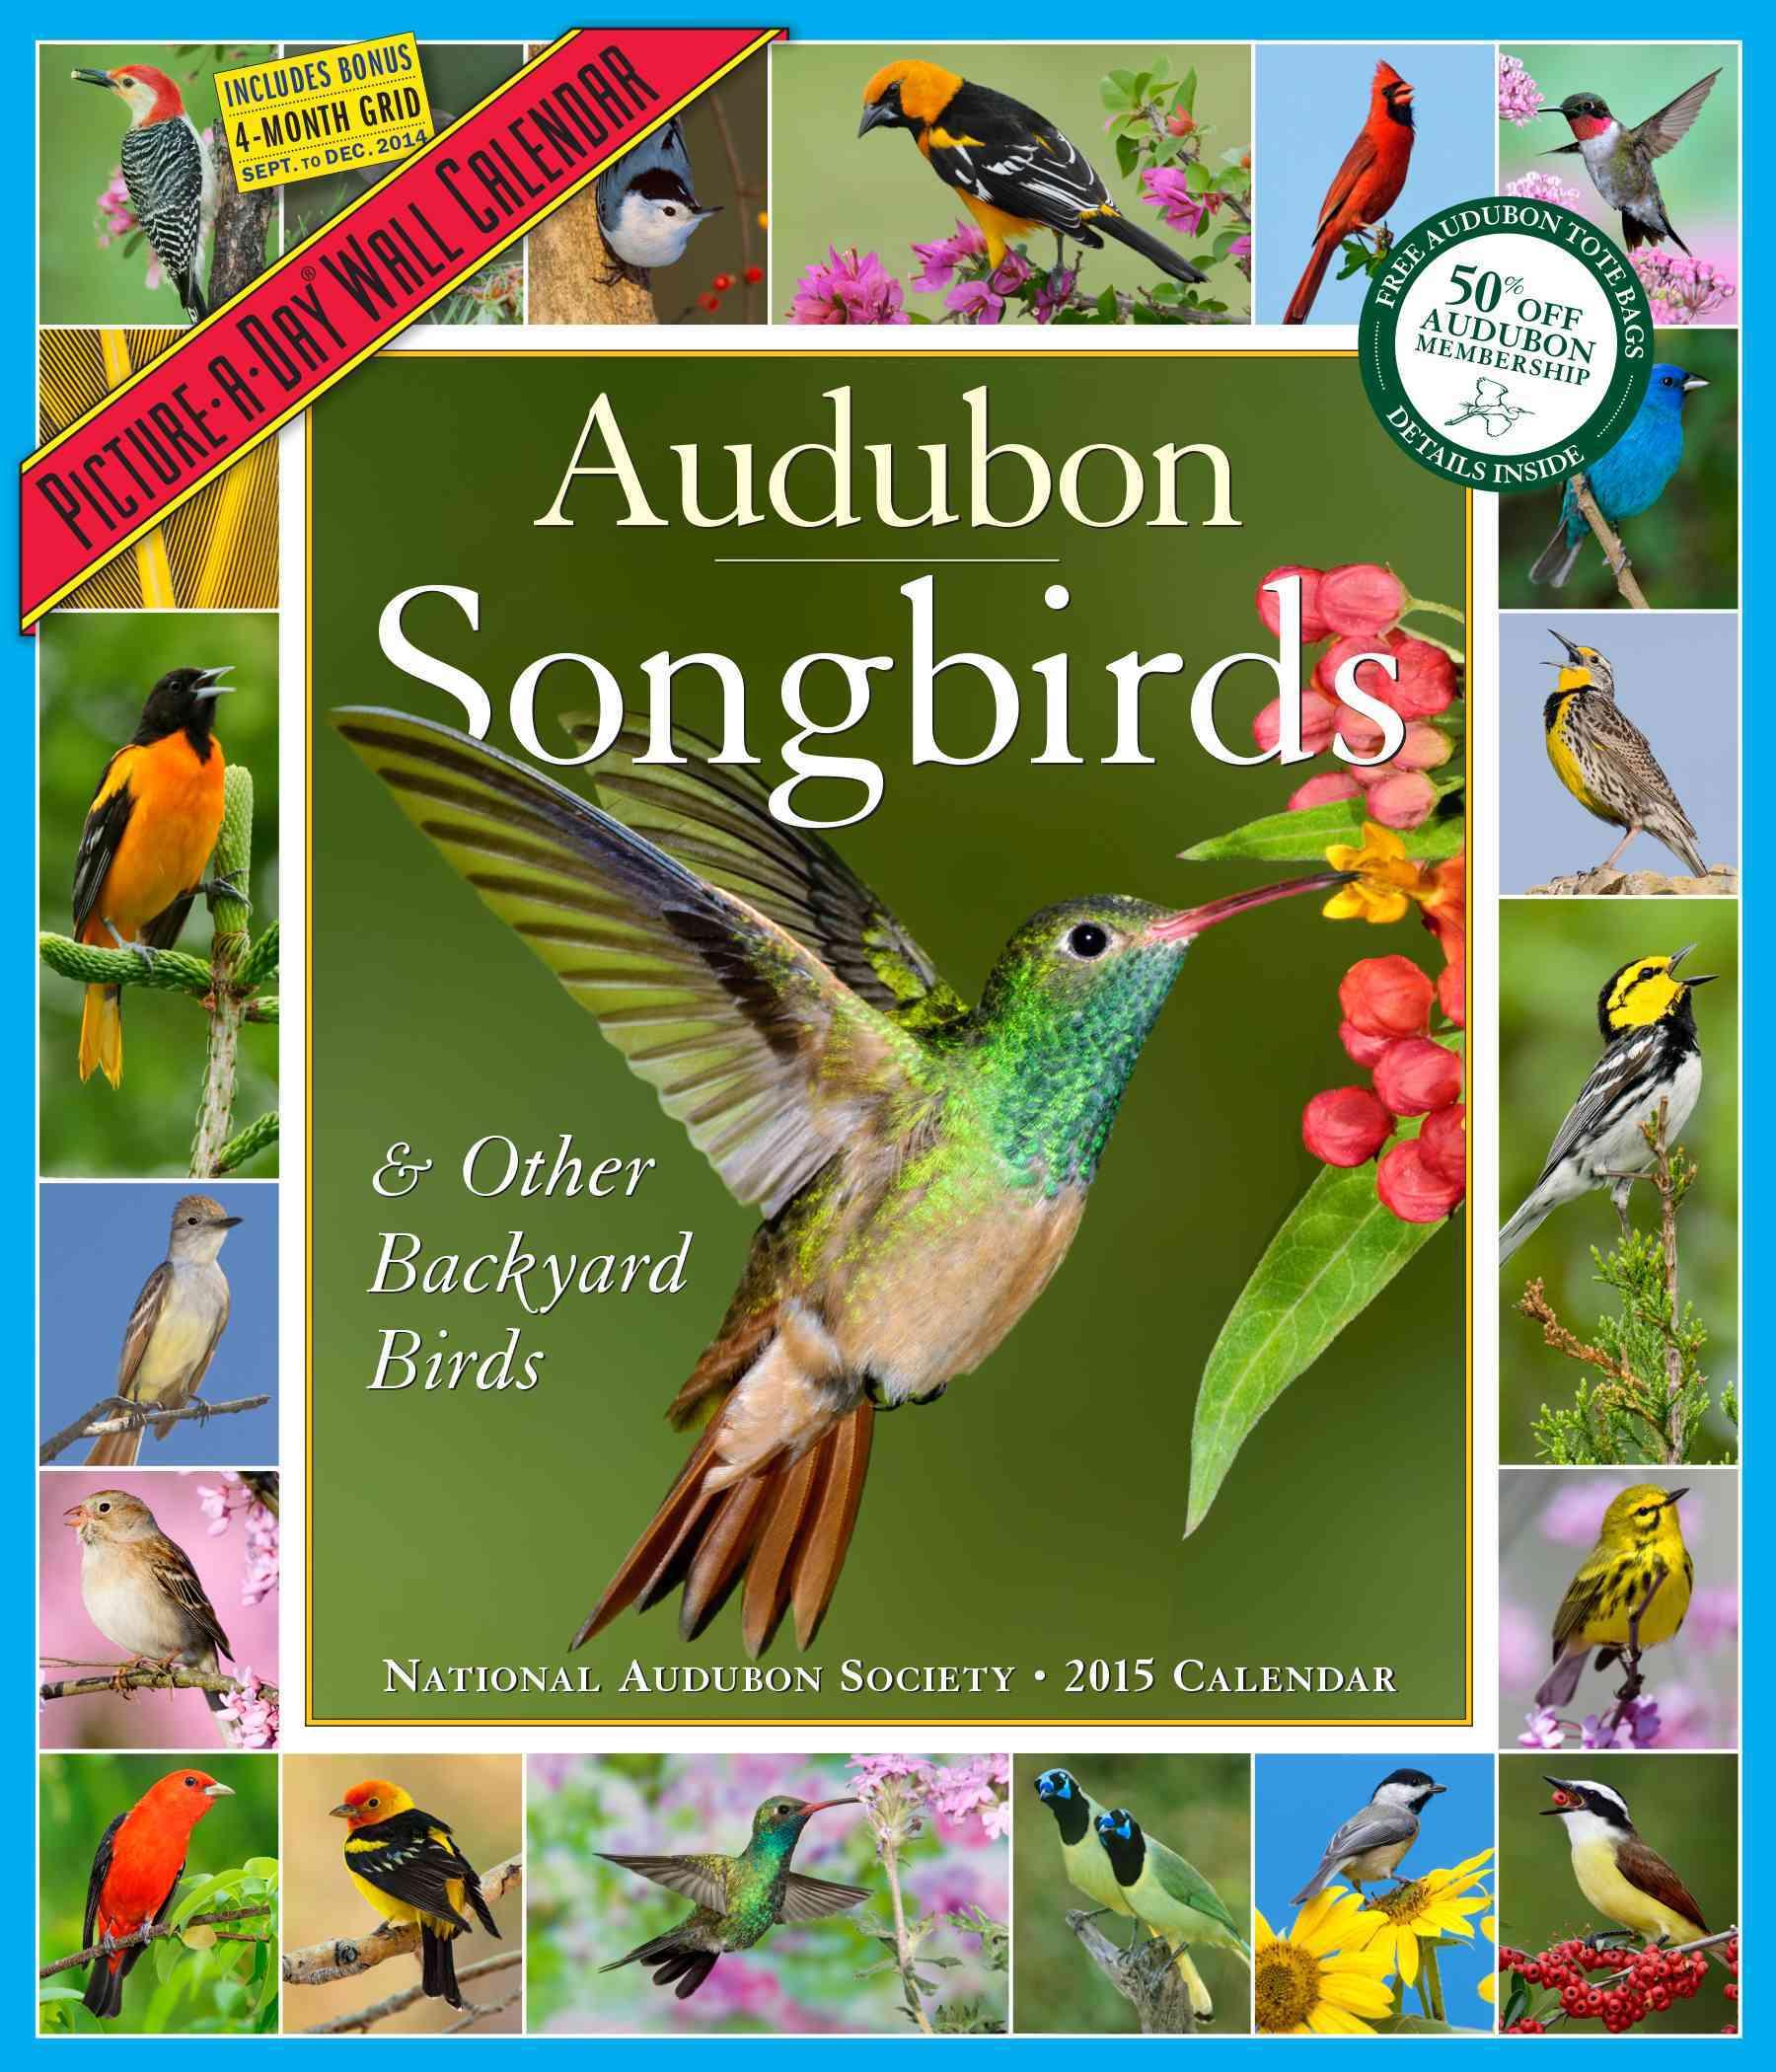 Audubon Songbirds & Other Backyard Birds Calendar 2015 (Calendar)